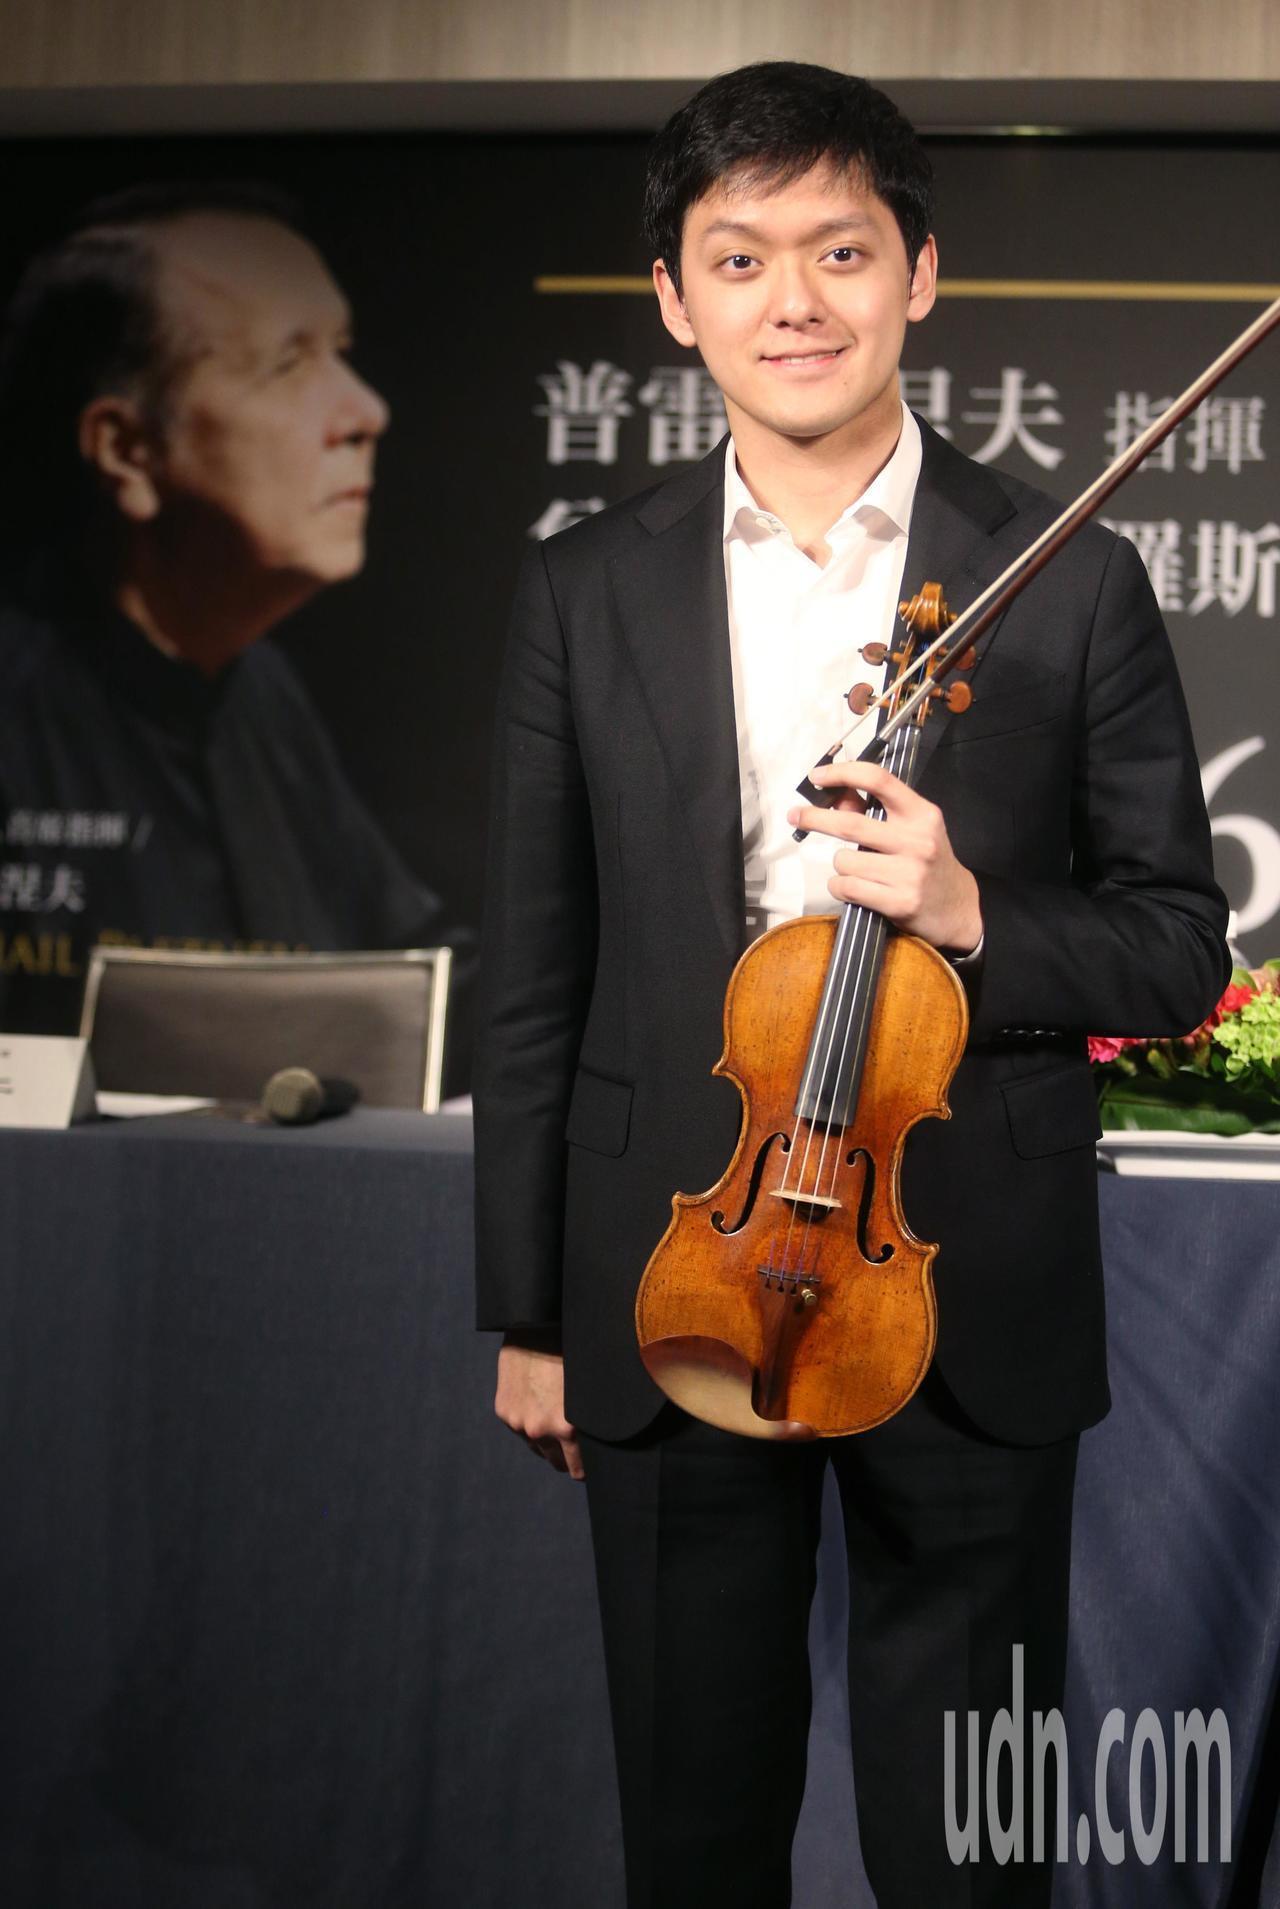 台灣小提琴家曾宇謙。圖/聯合報系資料照片